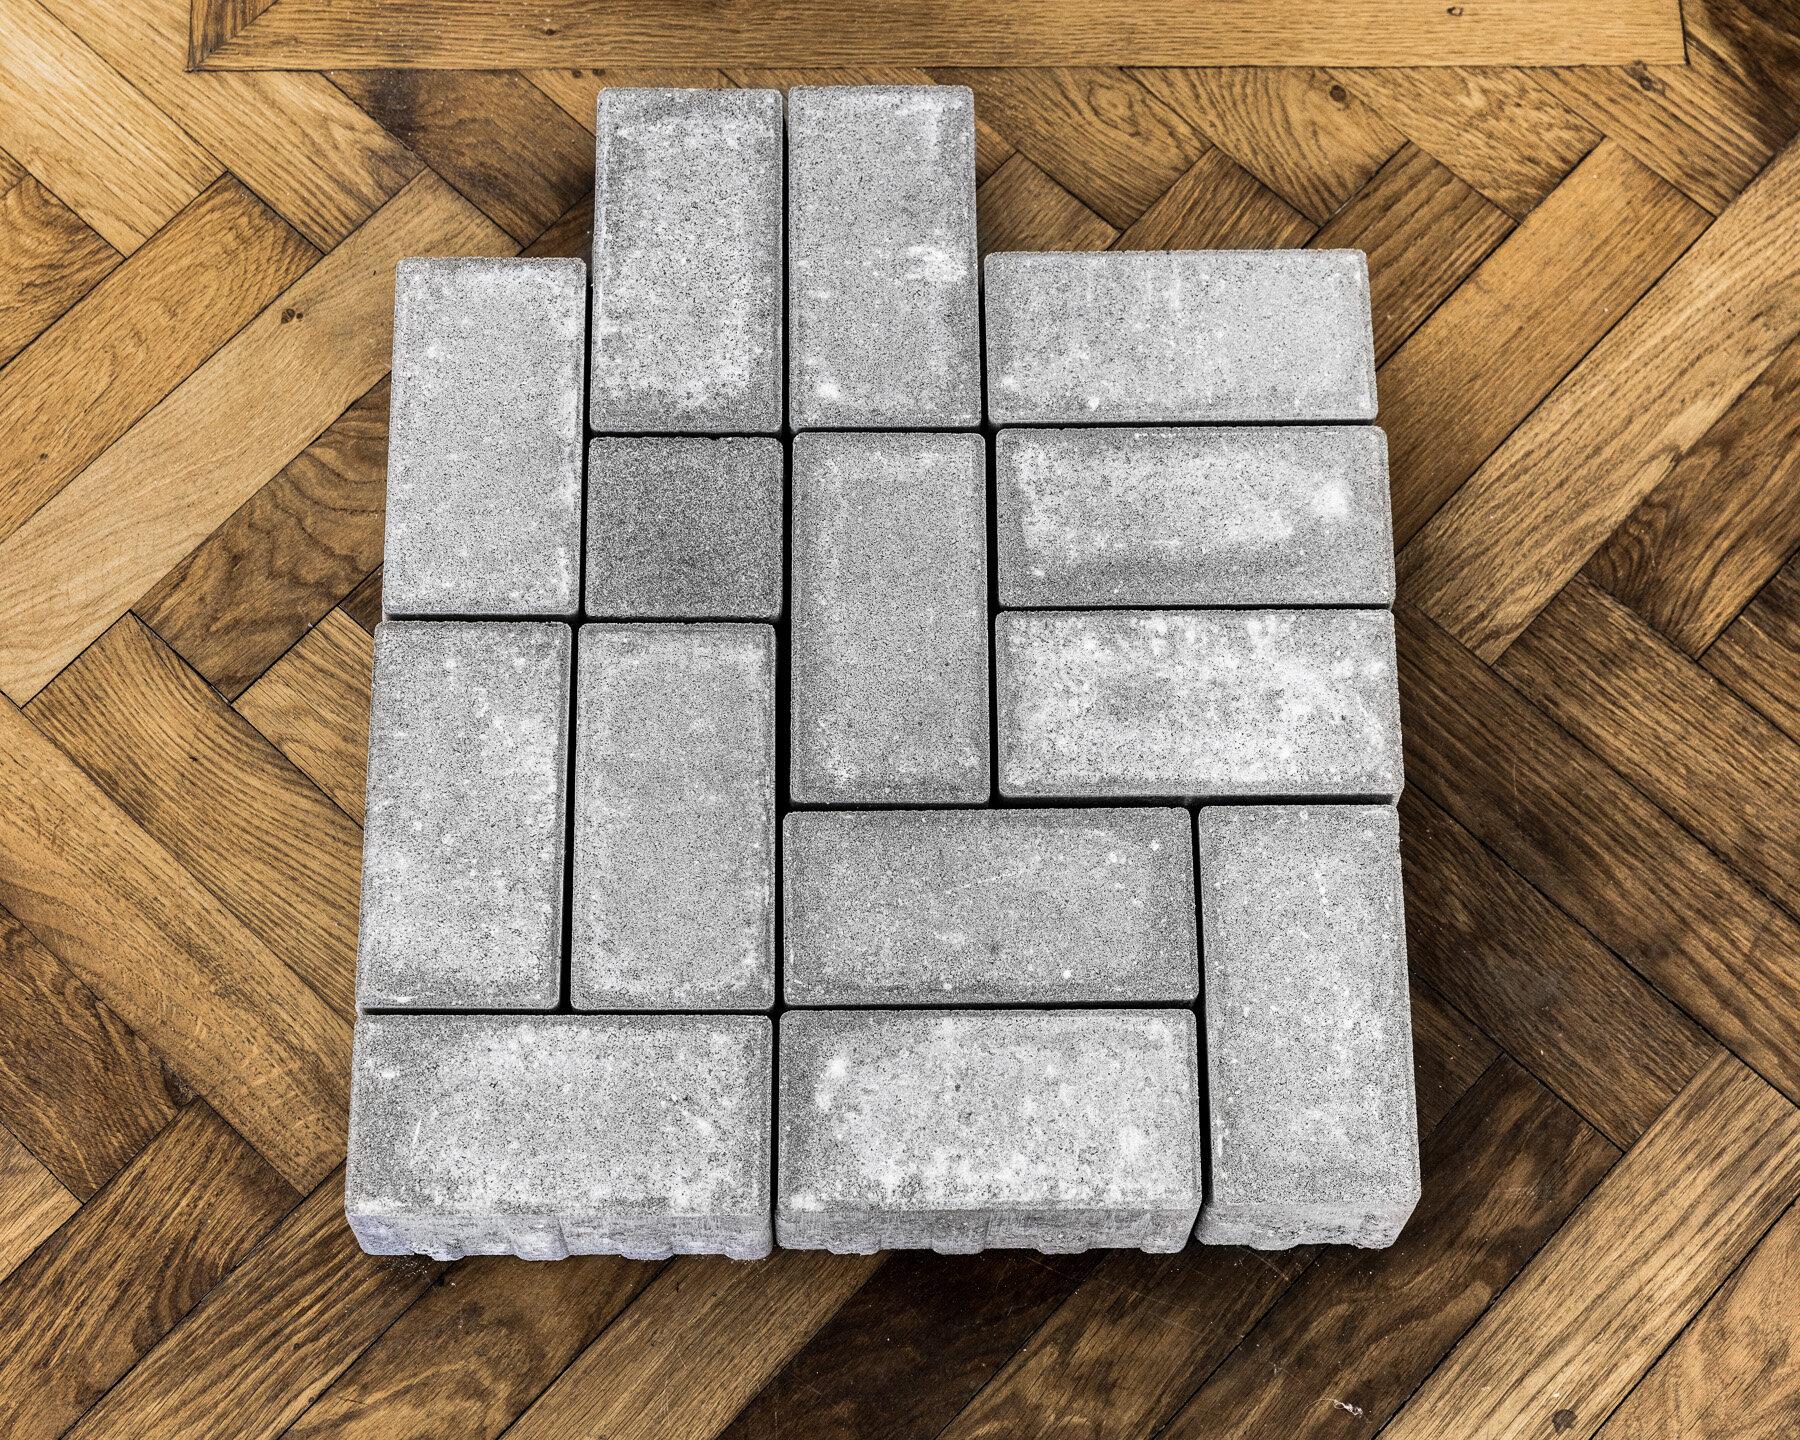 Thomas Geiger, A stage for subtle escape, 2017, concrete pavement tiles, adhesive letters, 60 x 50 x 8 cm